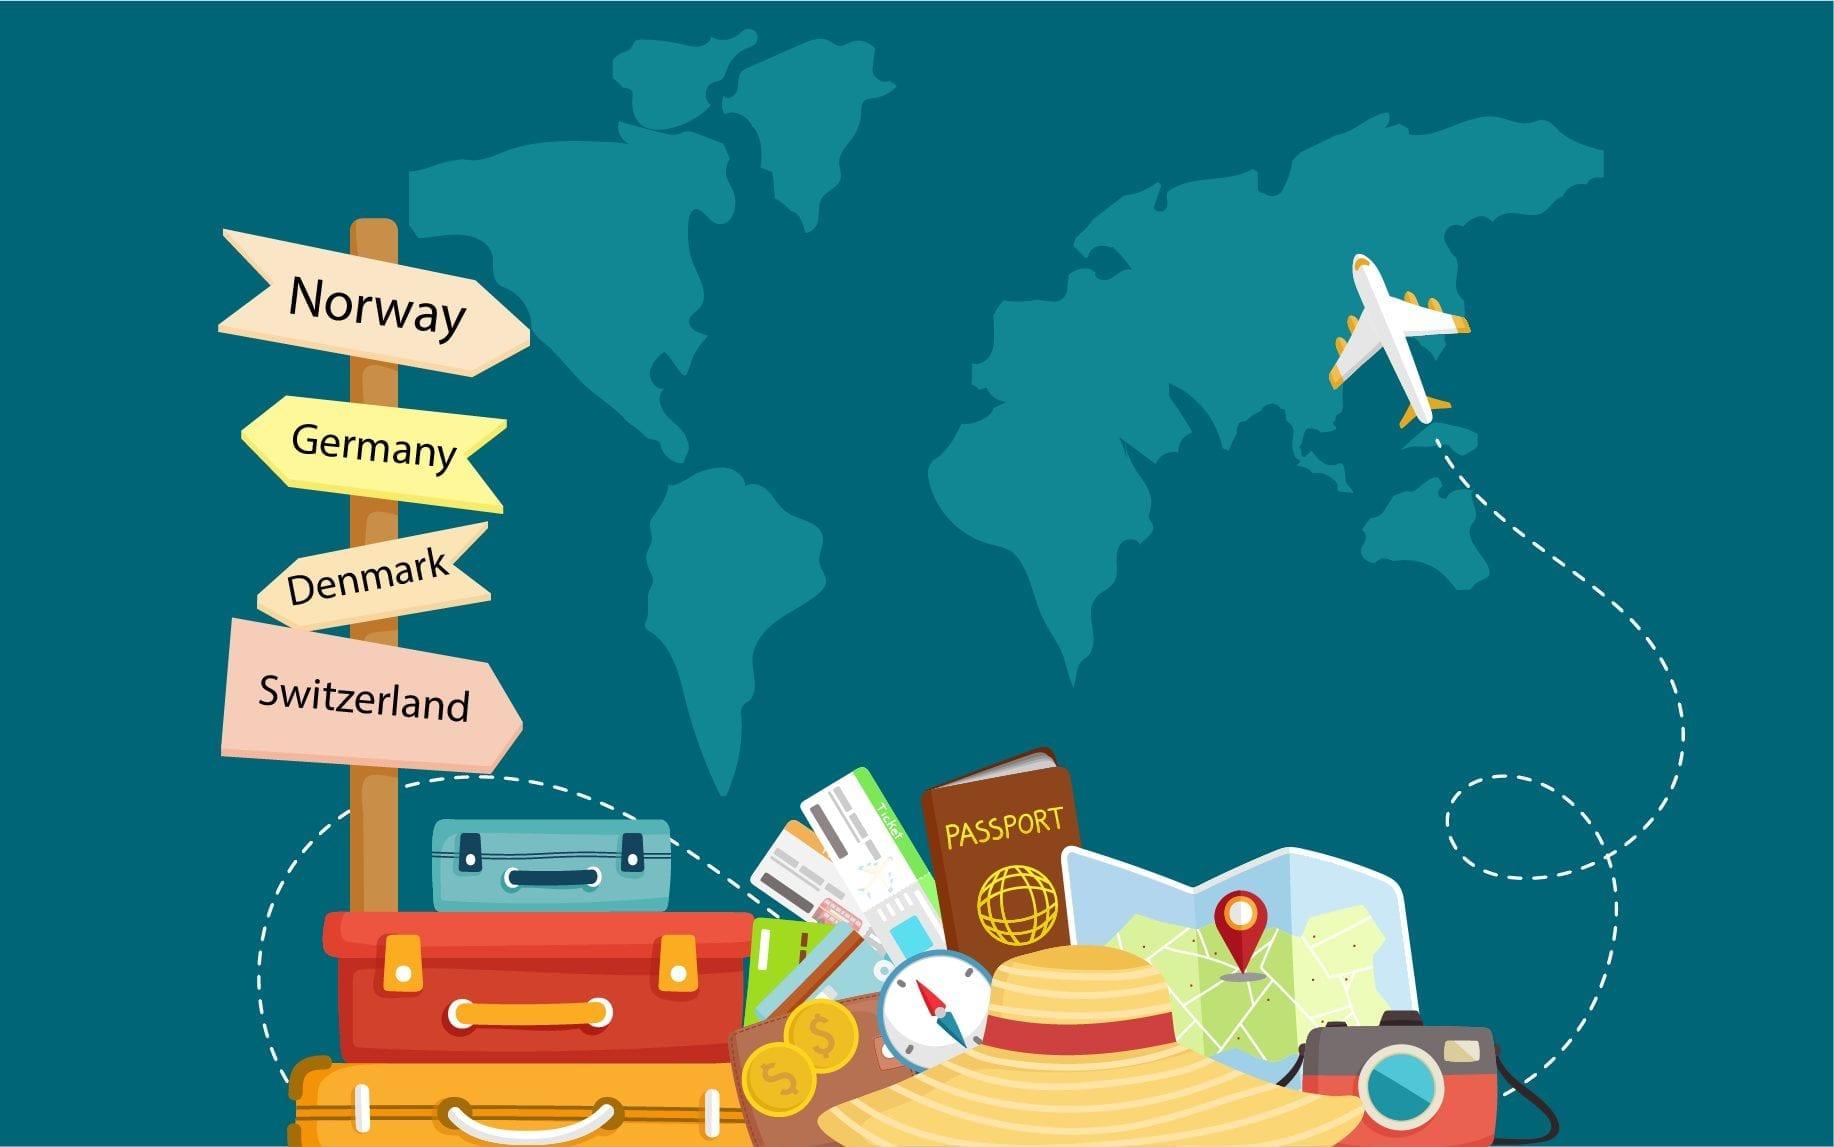 Étudier à l'étranger : est-ce une bonne idée ?